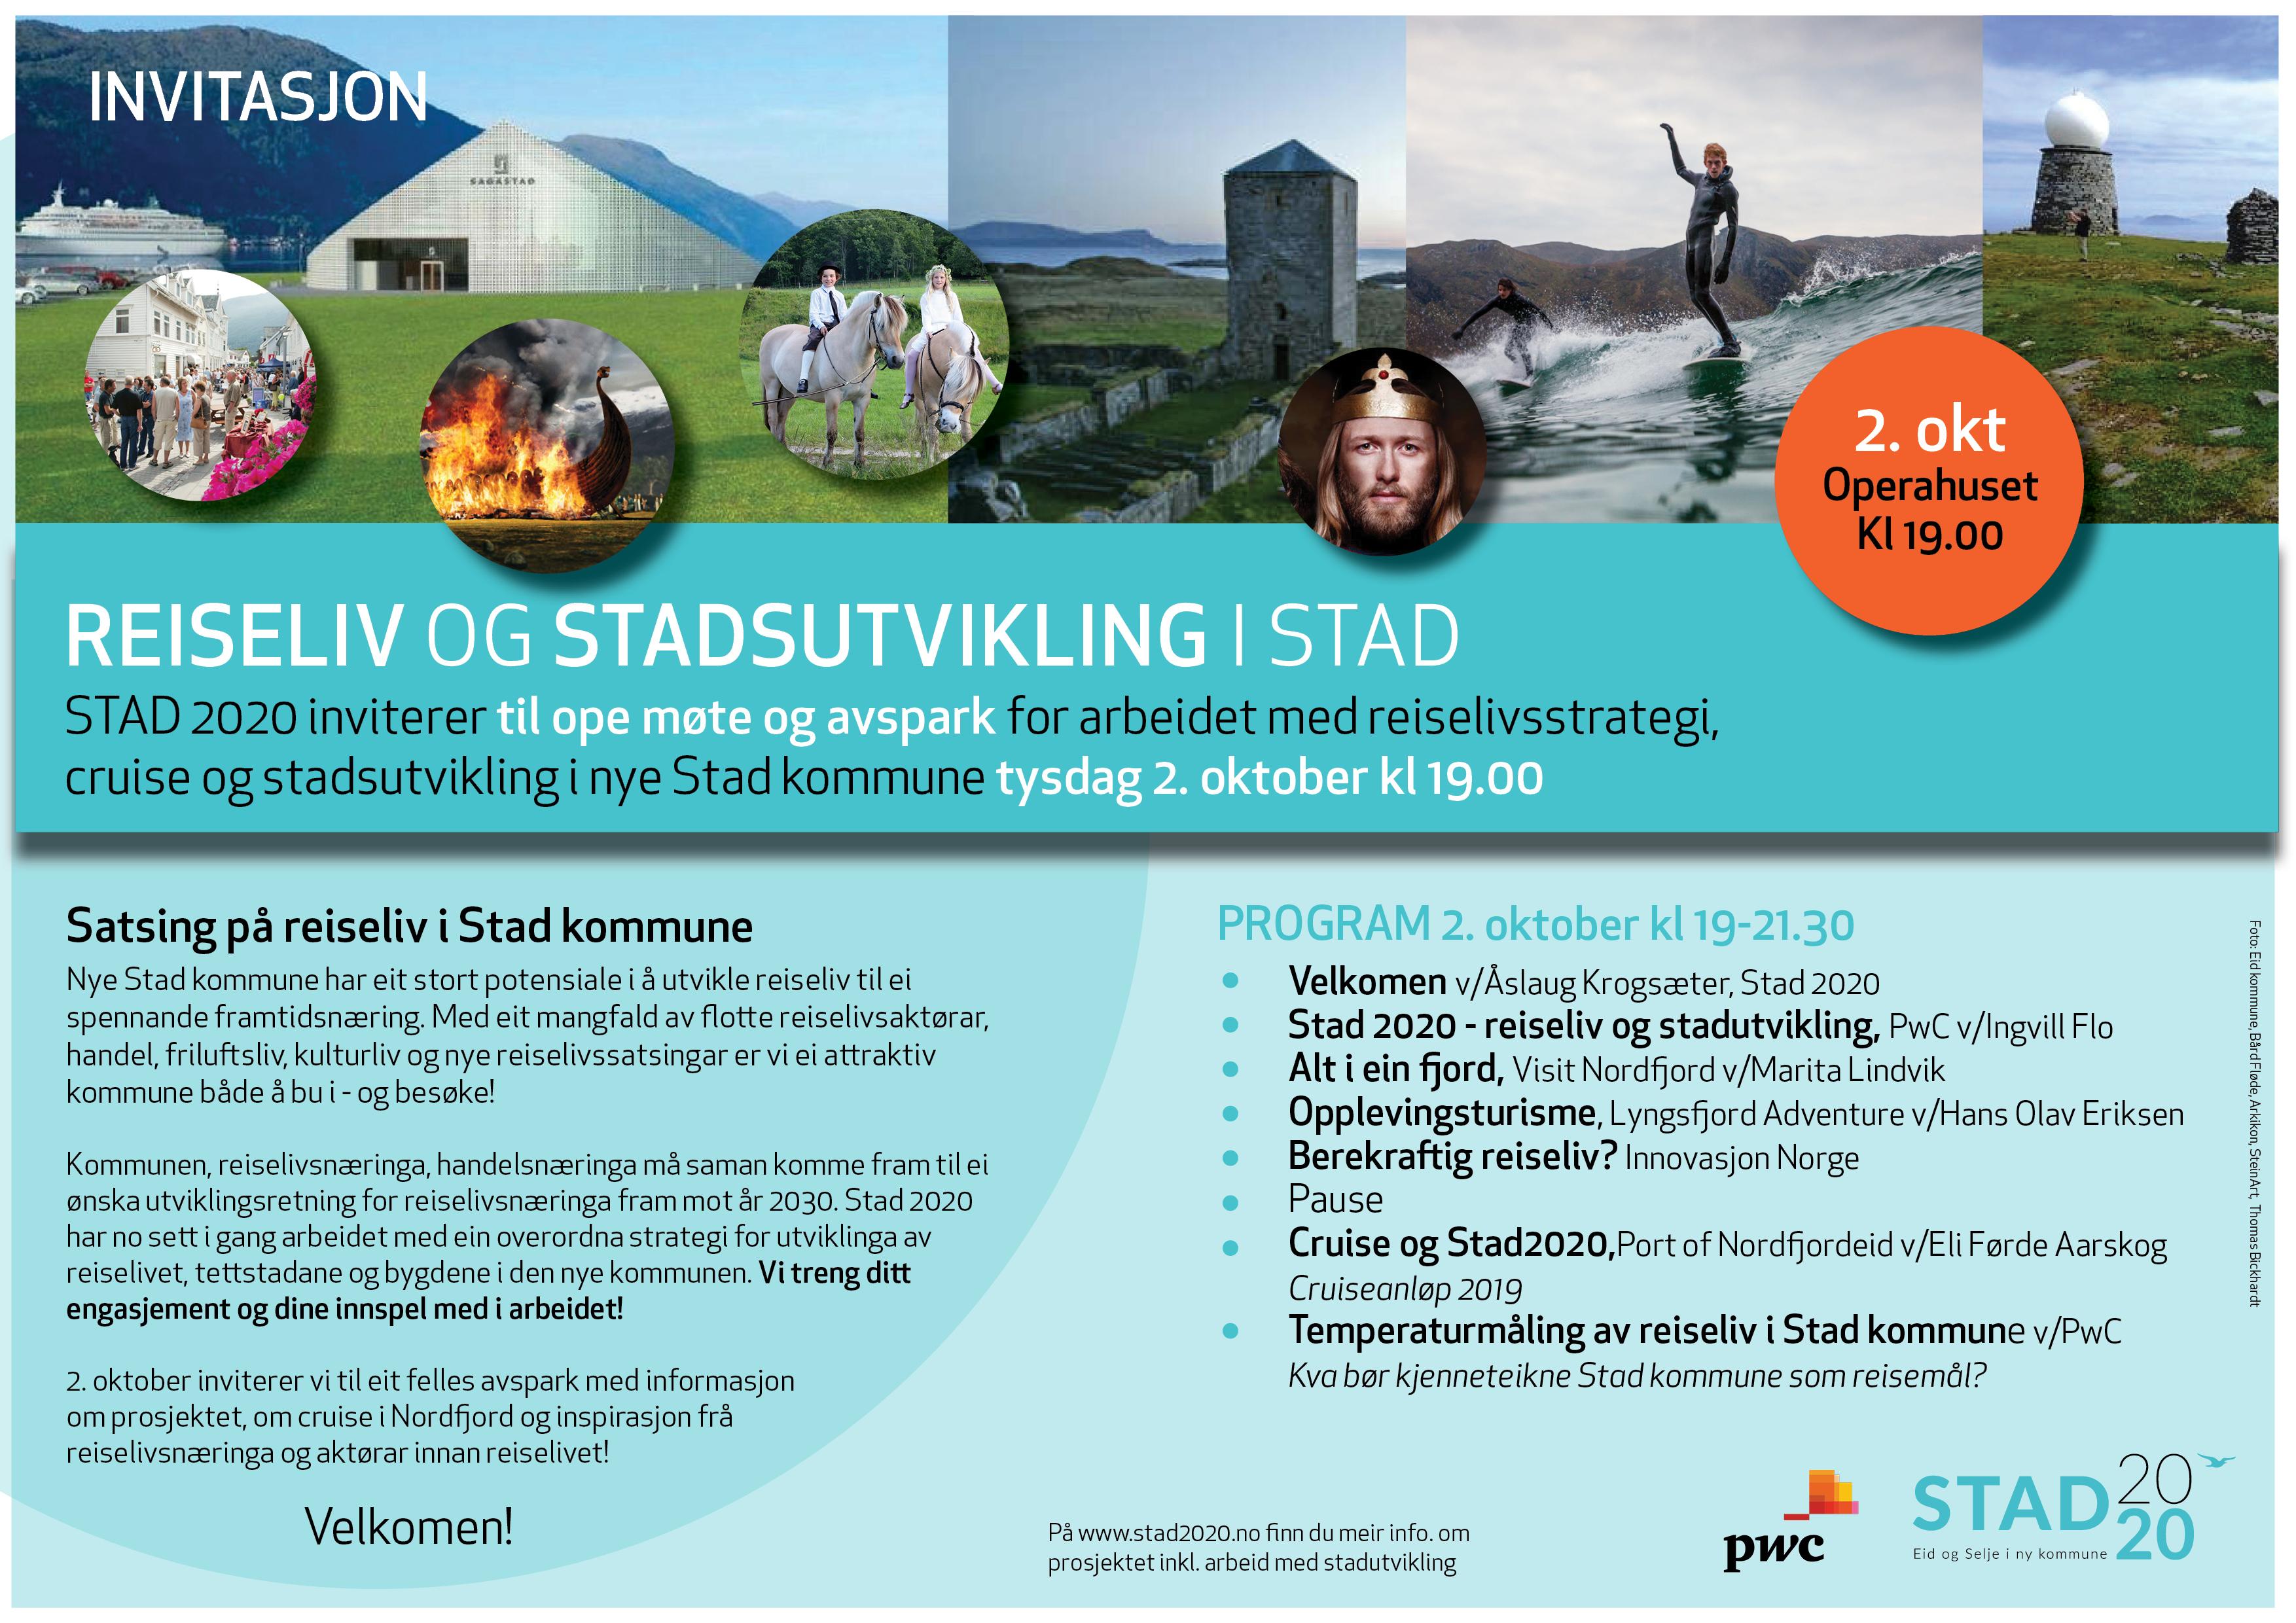 Invitasjon 2. oktober - reiseliv, cruise og stadsutvikling.jpg